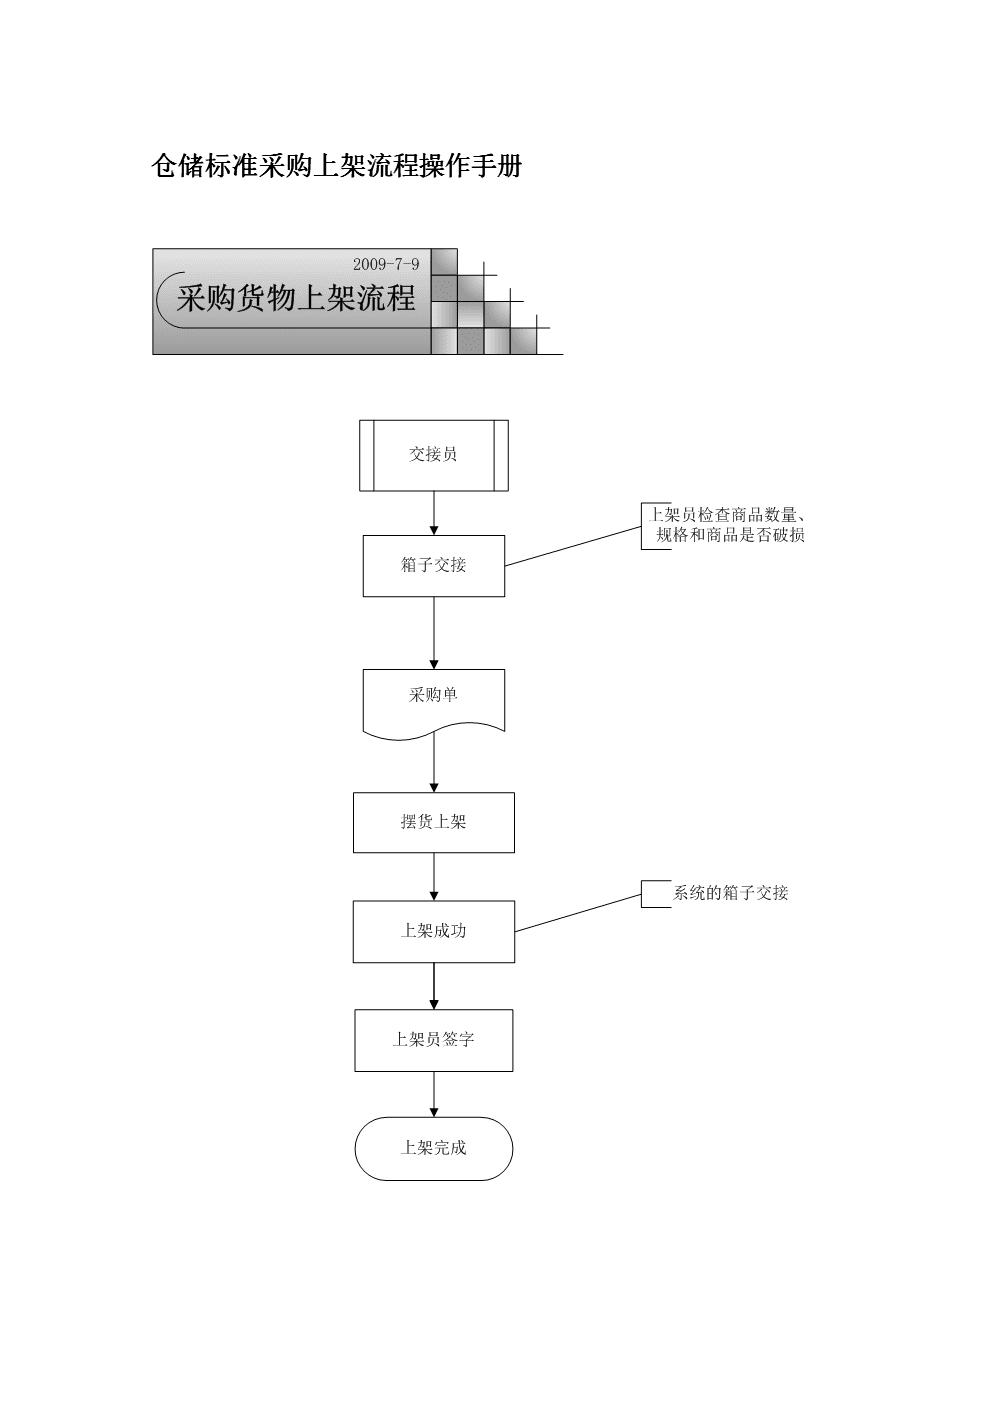 仓储标准采购上架流程操作手册.doc